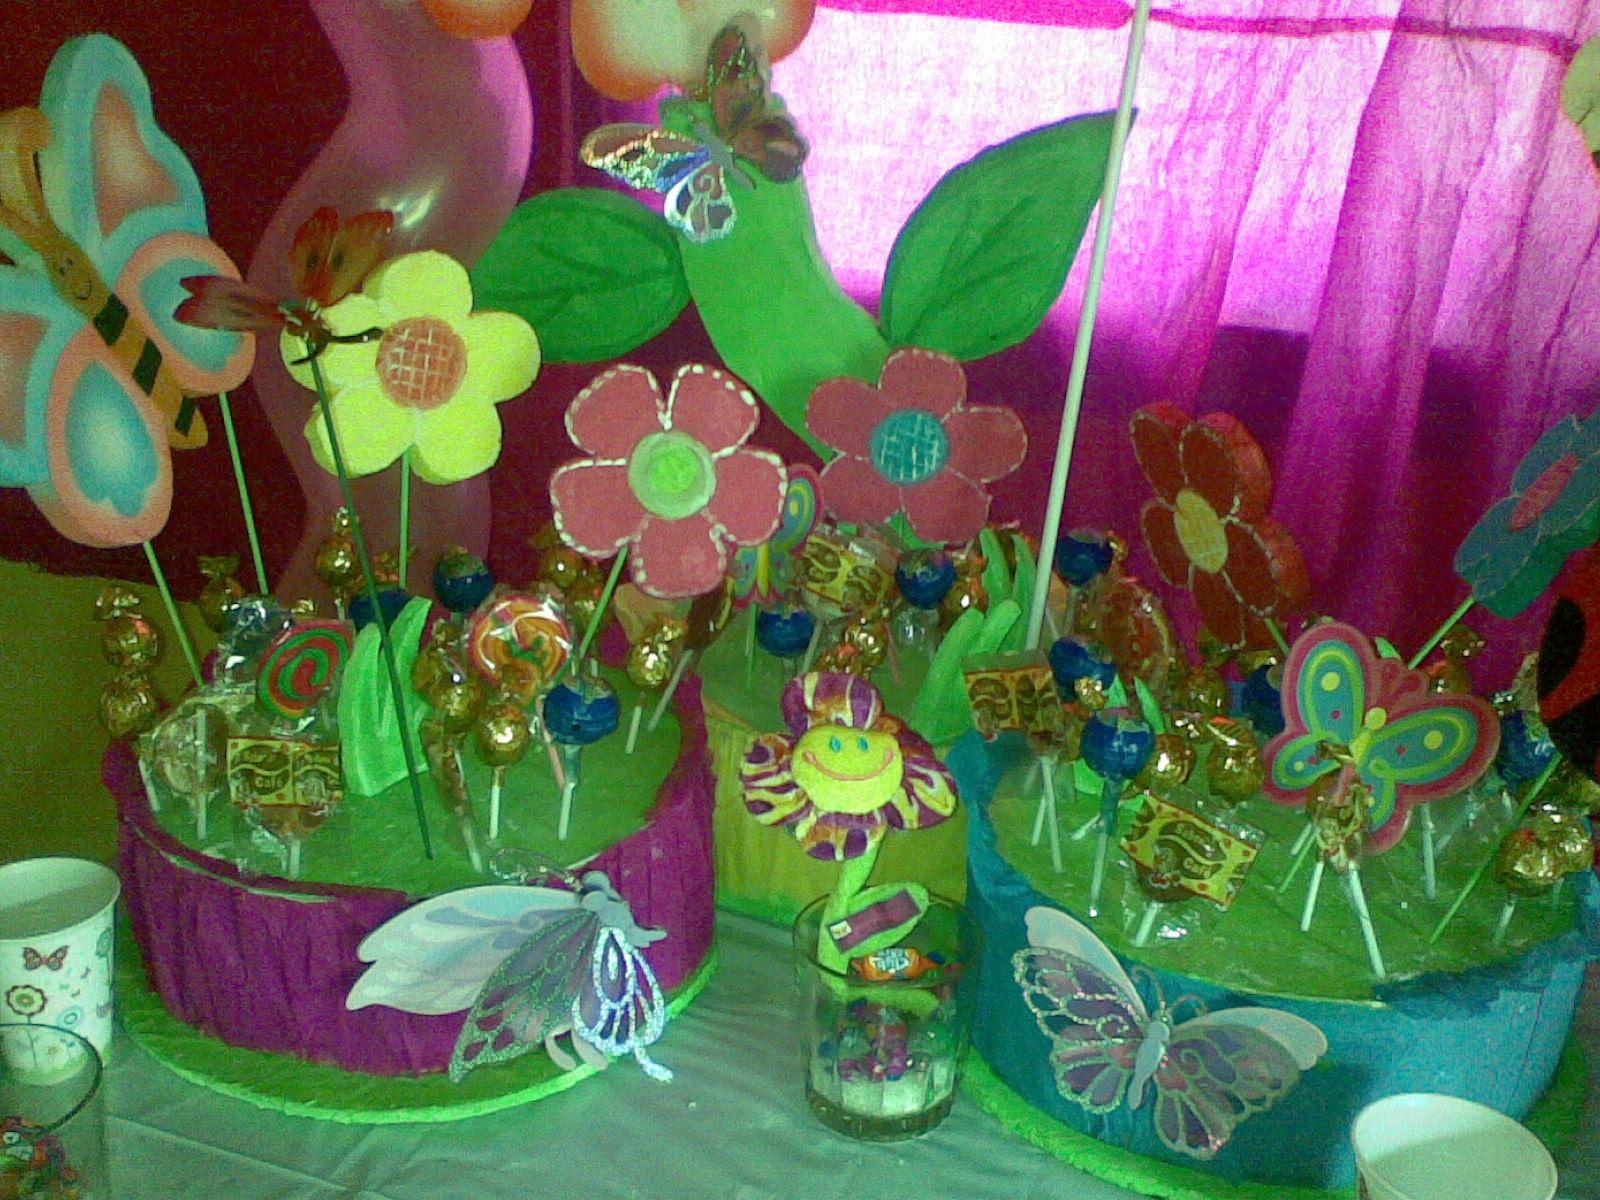 Decoración Camila: Decoraciones infantiles y motivos de cumpleaños